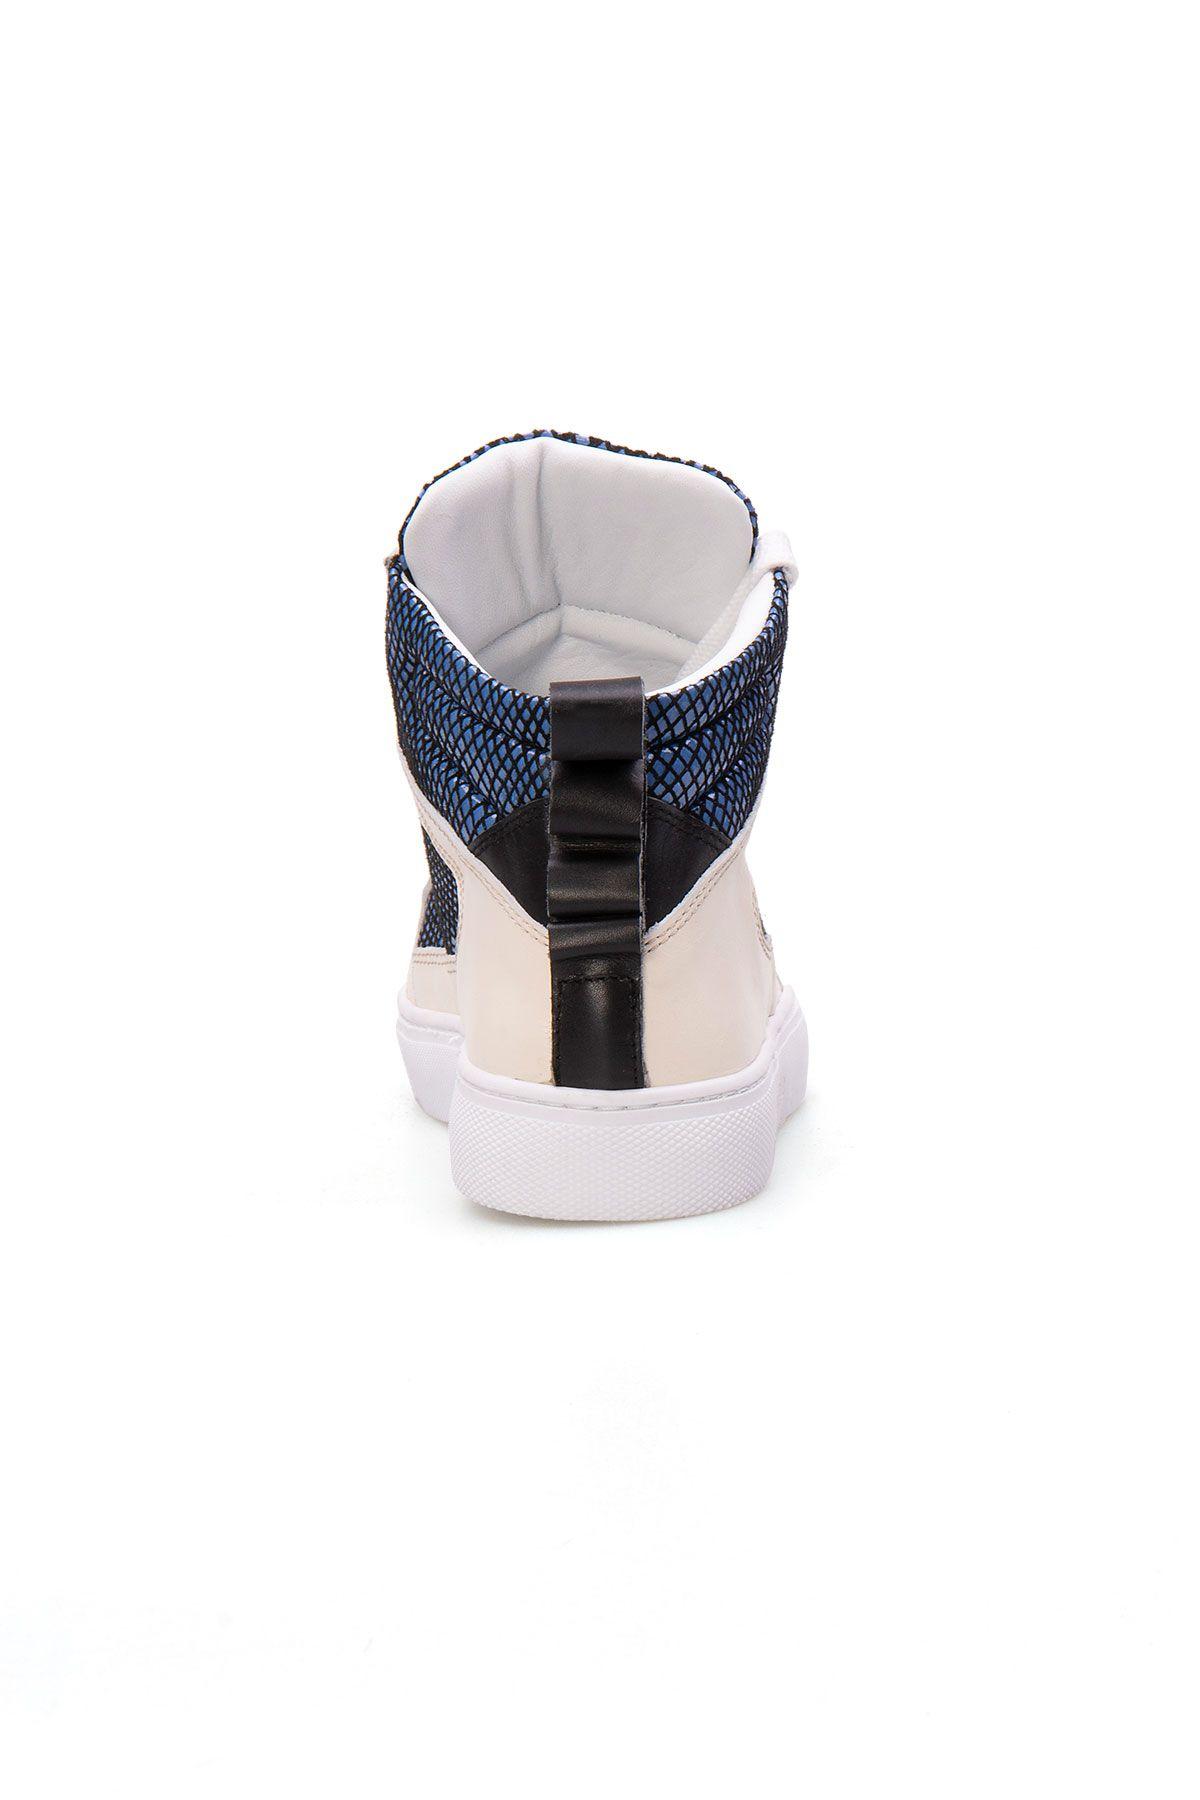 Pegia Genuine Leather Women's Sneaker LA1211 Blue